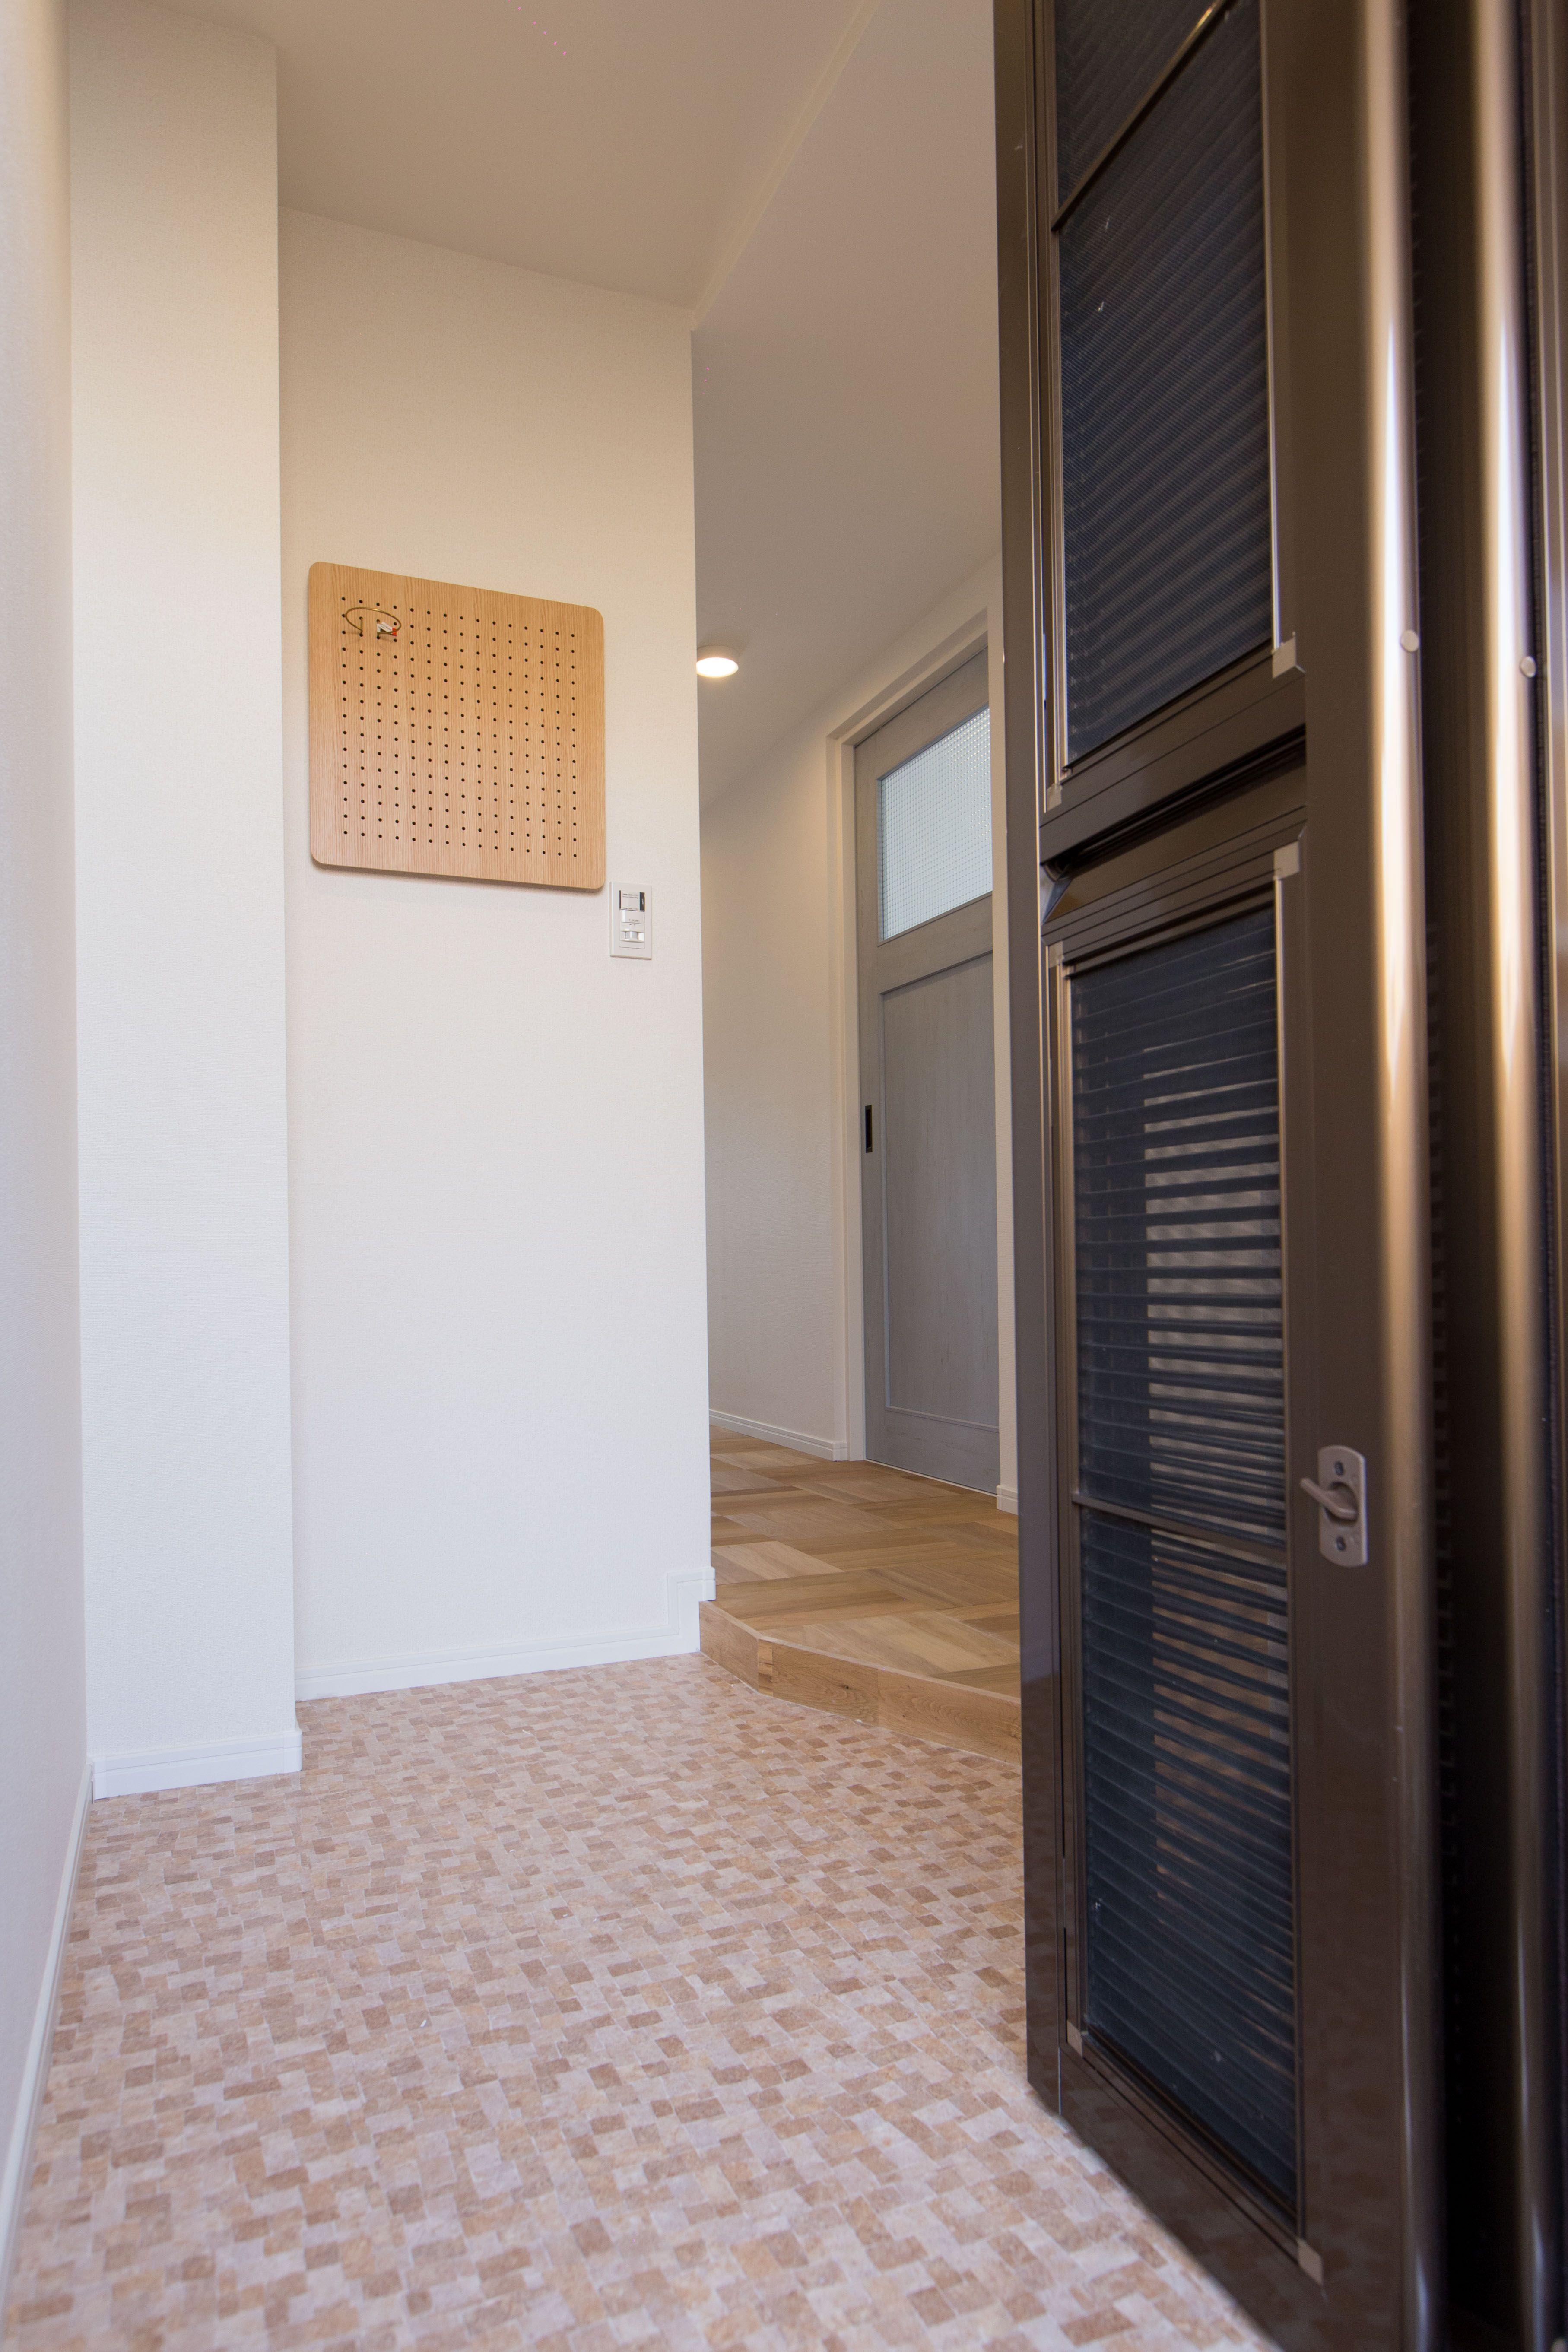 玄関リノベーション後の玄関は淡いピンクのタイルになりとっても可愛い